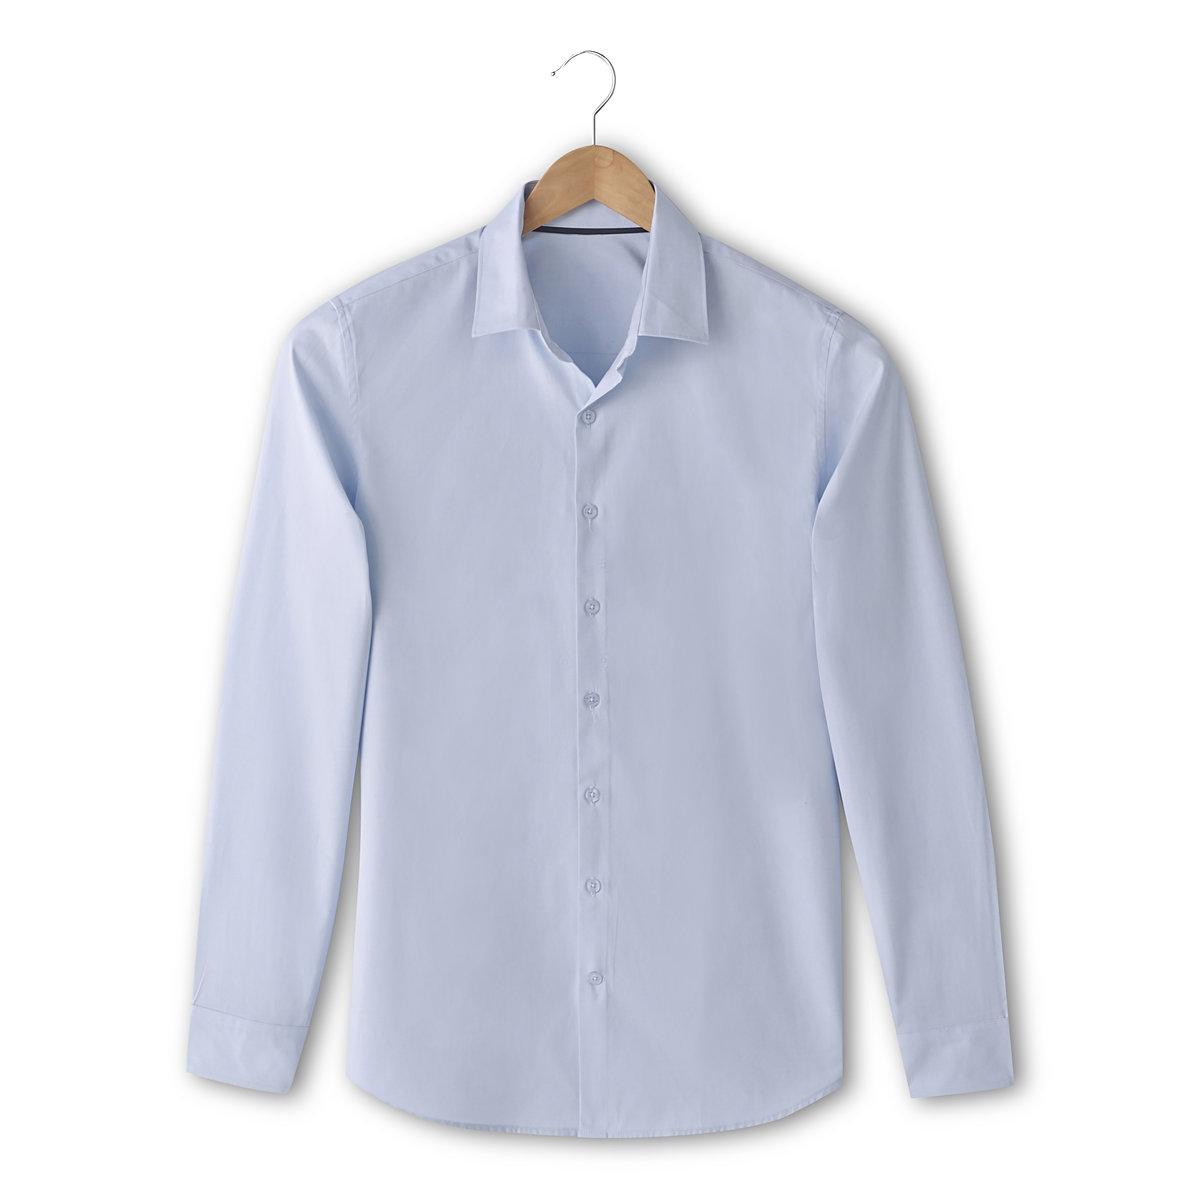 цена  Рубашка однотонная с длинными рукавами, узкий покрой  онлайн в 2017 году